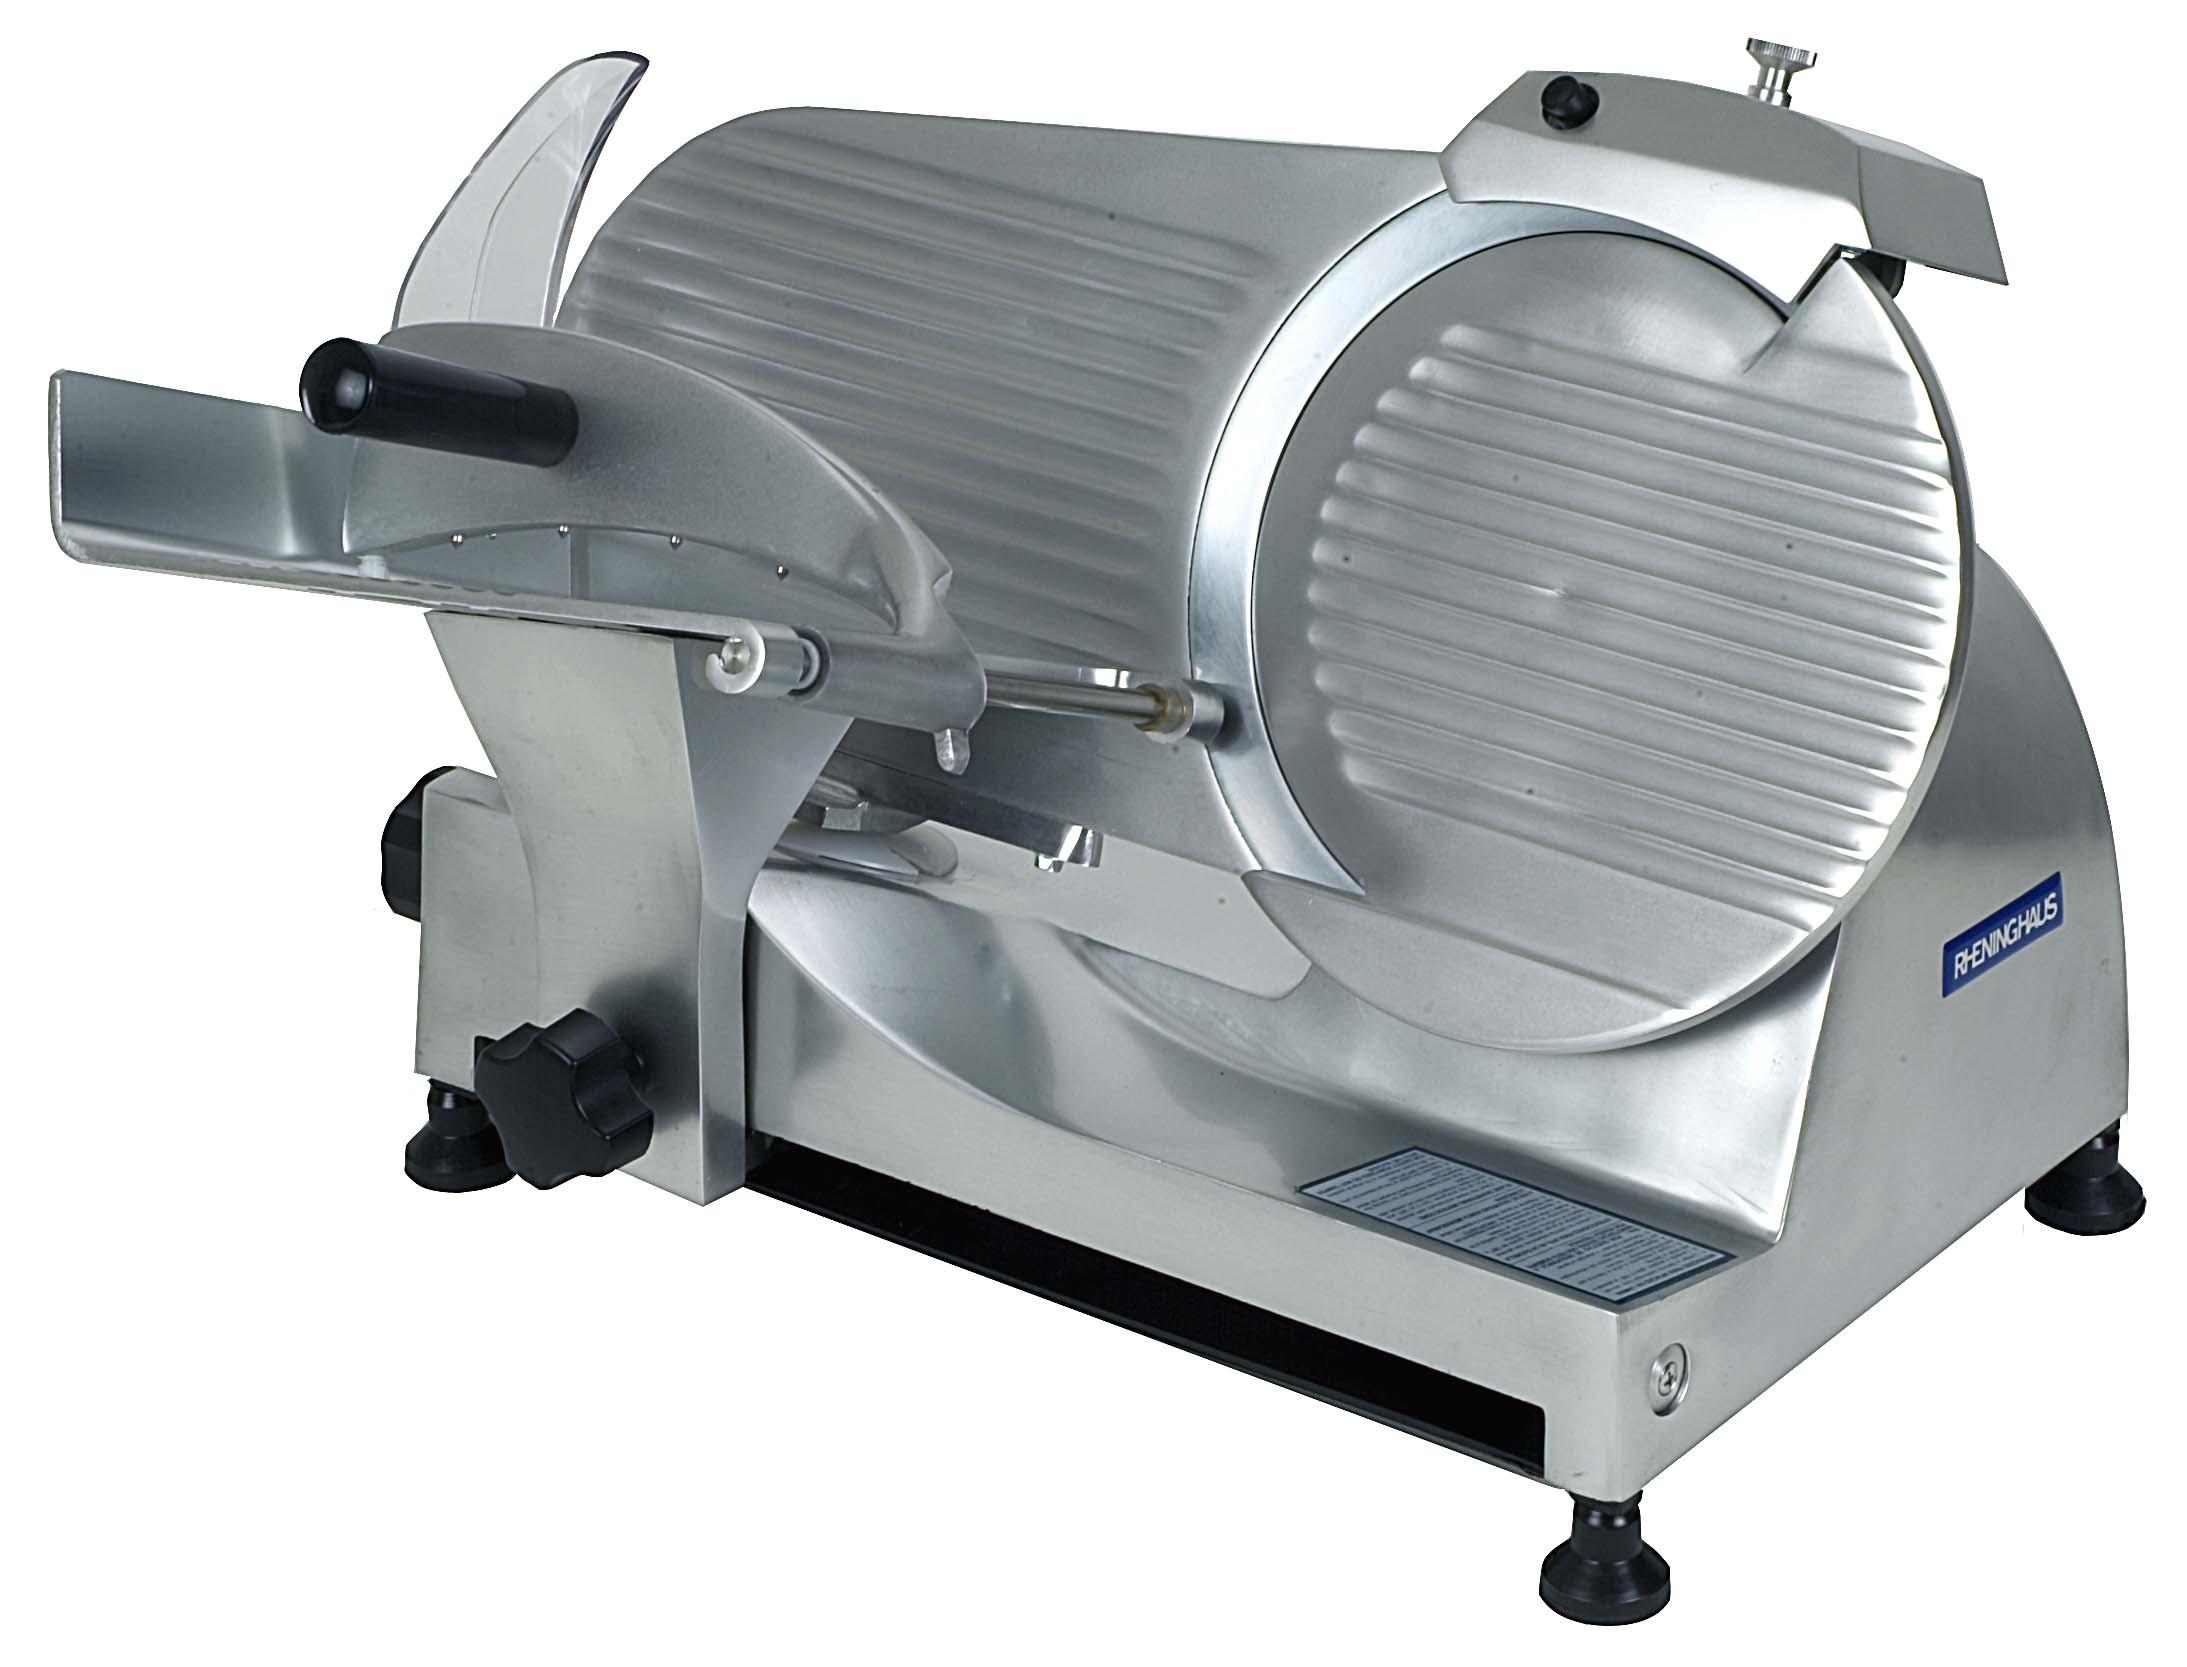 sla0250--slicer-rheninghaus-argenta--250mm